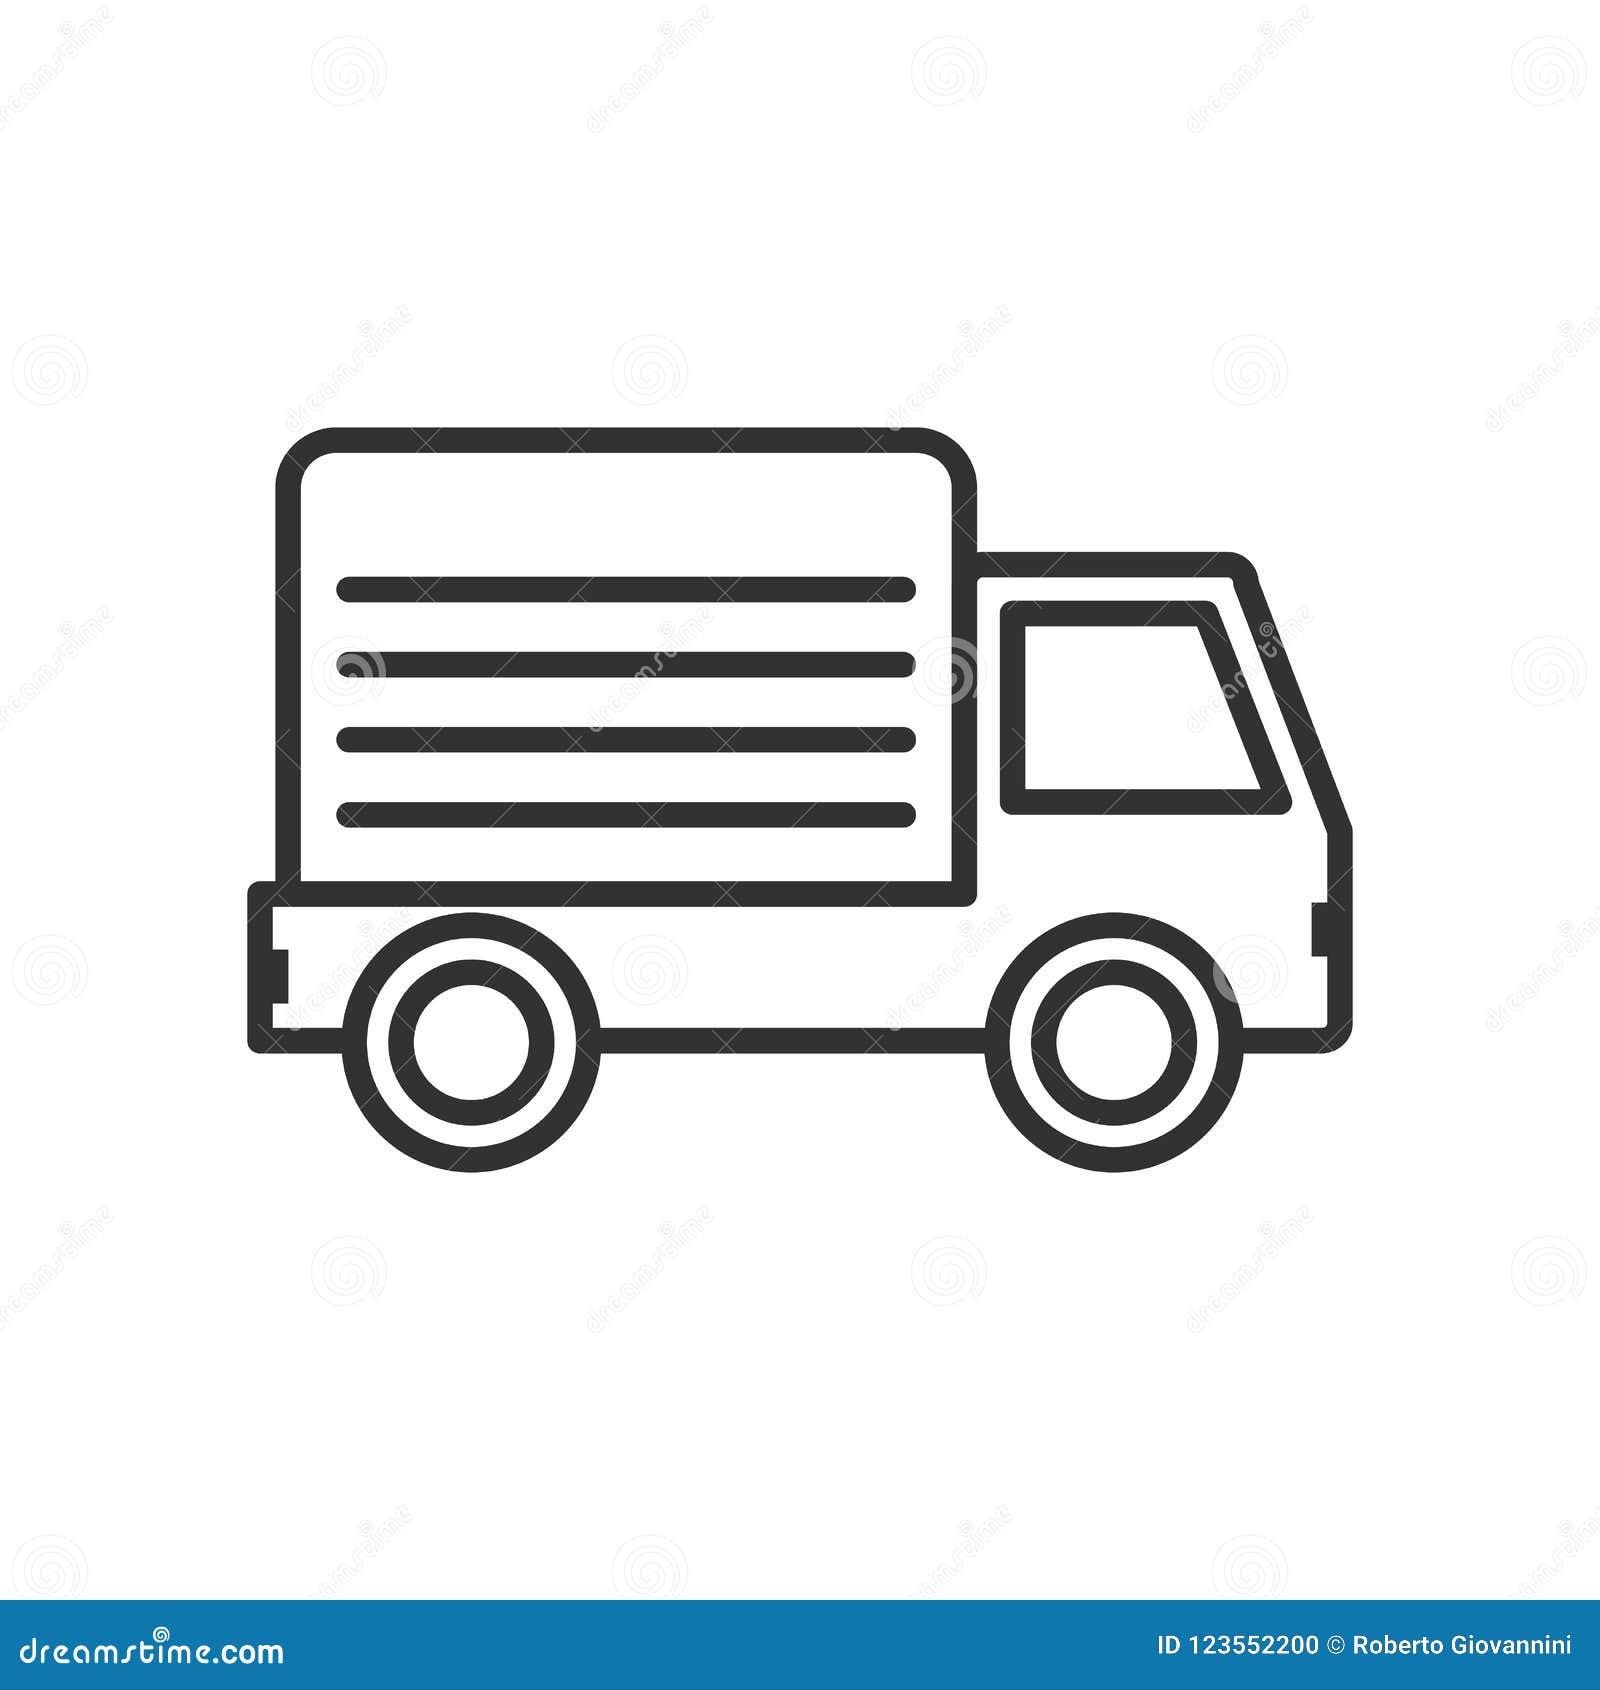 Entrega Van Outline Flat Icon no branco